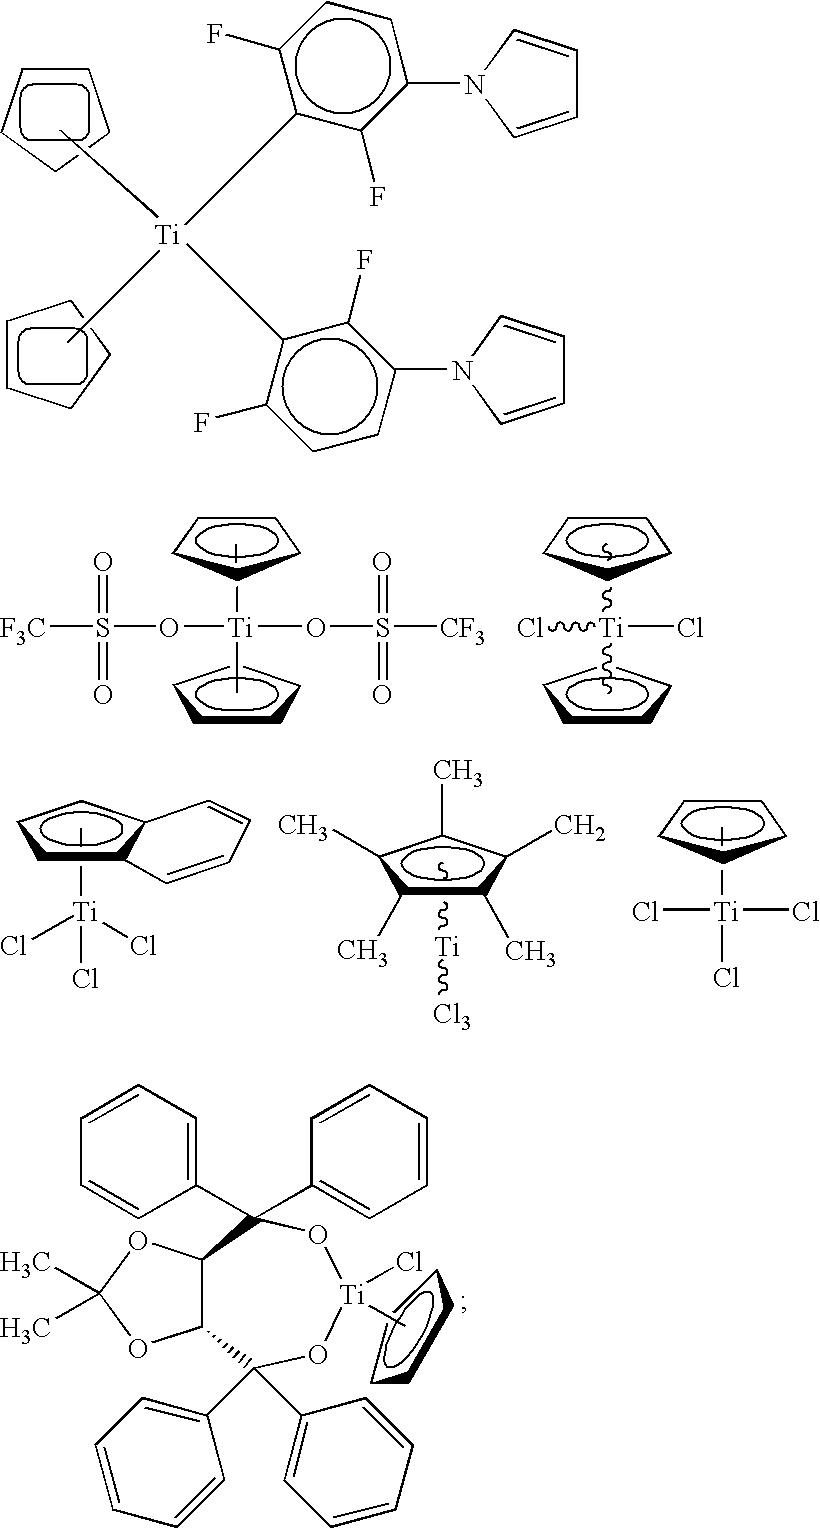 Figure US08088542-20120103-C00001